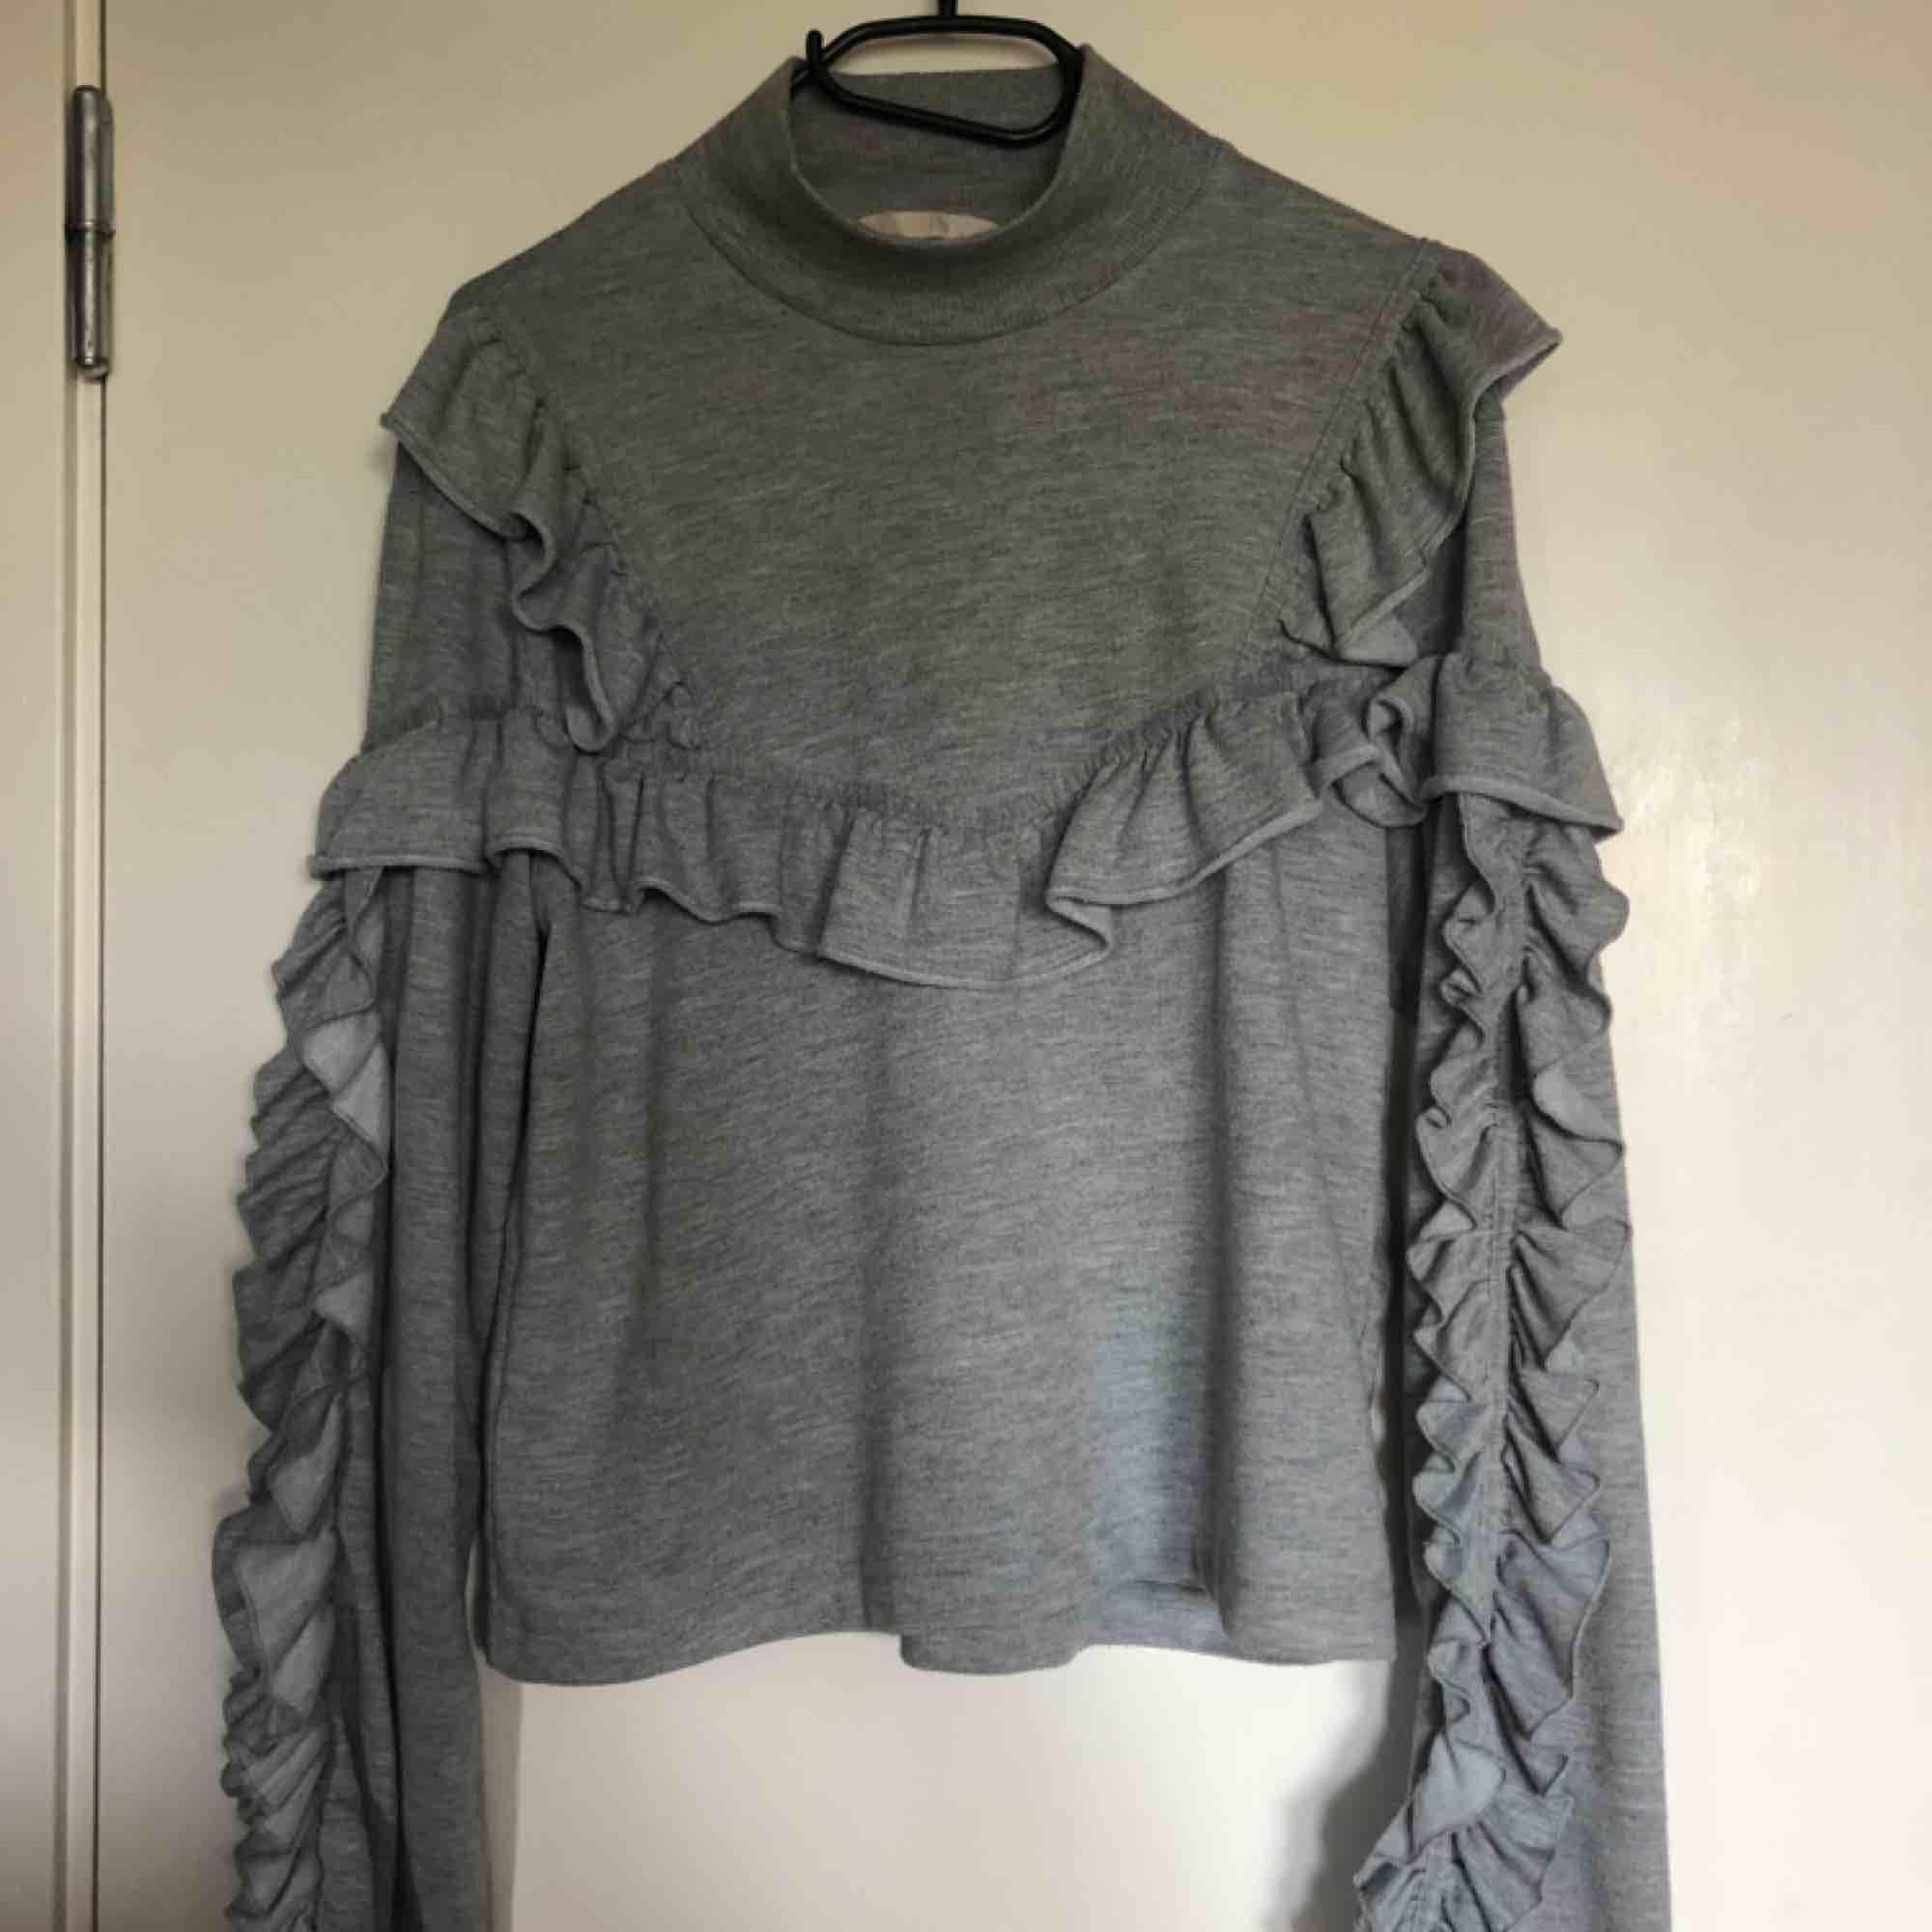 Charmig grå tröja med volanger från H&M. Använd 1-2 ggr. Kan mötas upp i Västerås eller frakta (fraktkostnad tillkommer). Fler bilder kan skickas på plagget vid intresse!. Tröjor & Koftor.